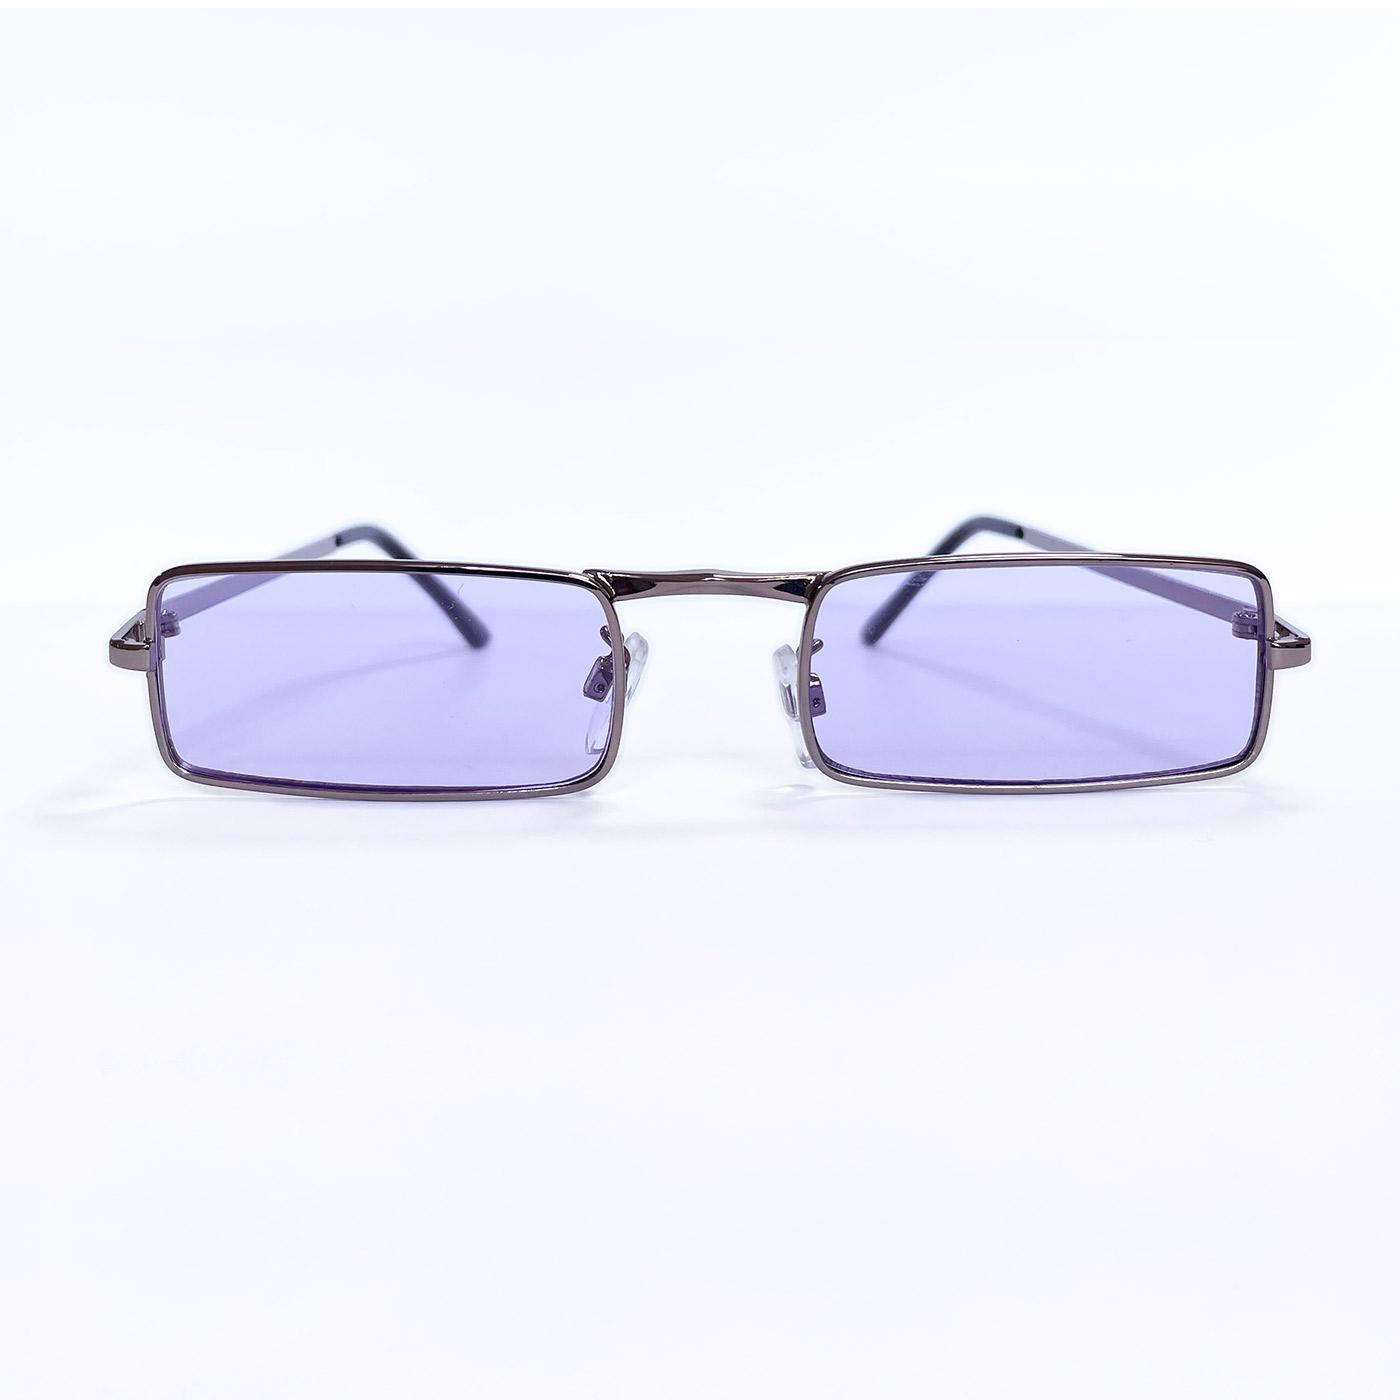 McGuinn MADCAP ENGLAND 1960s Granny Glasses LILAC